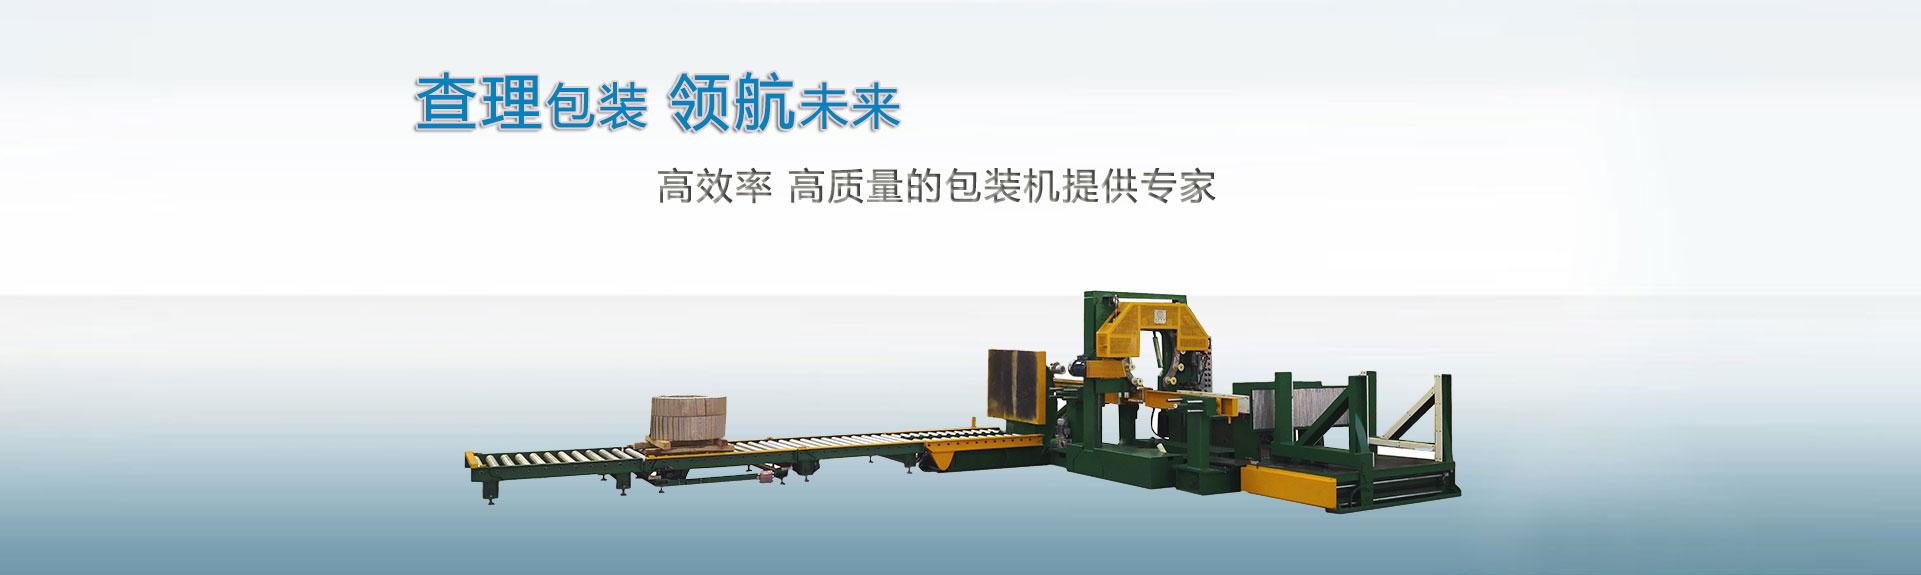 上海查理包装领航未来琼忍,高效率我光顾、高质量的包装机提供专家